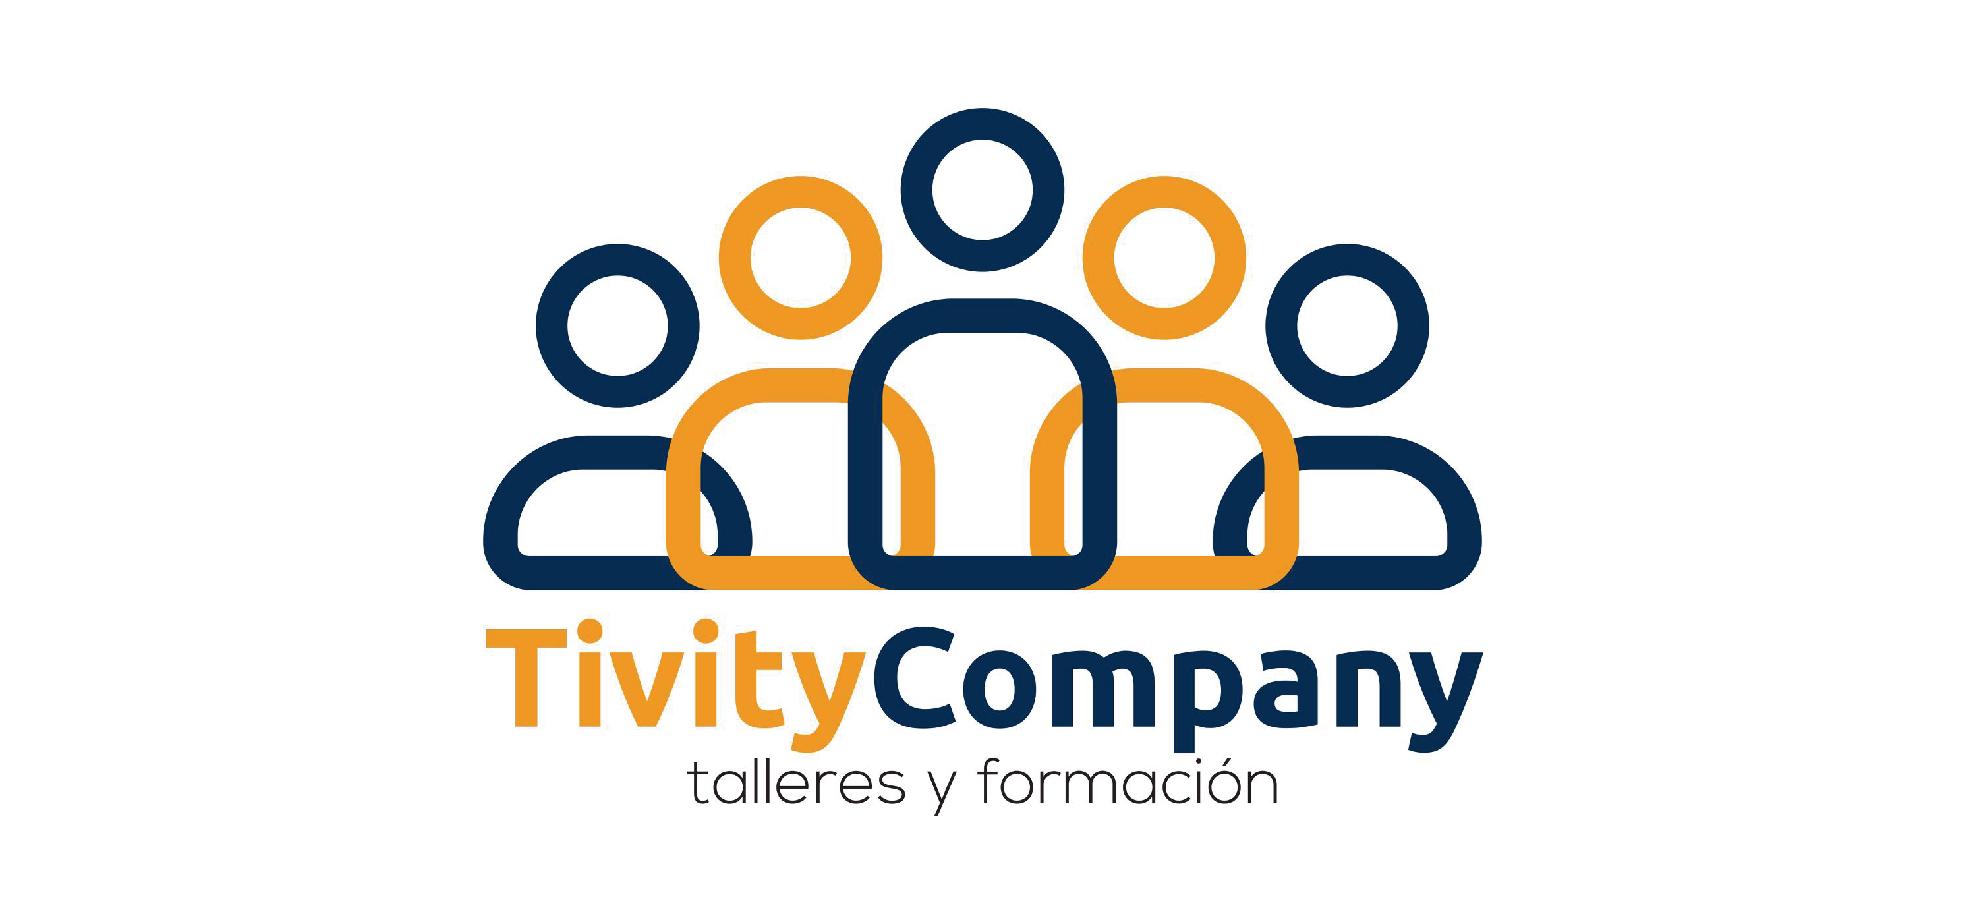 tivity company